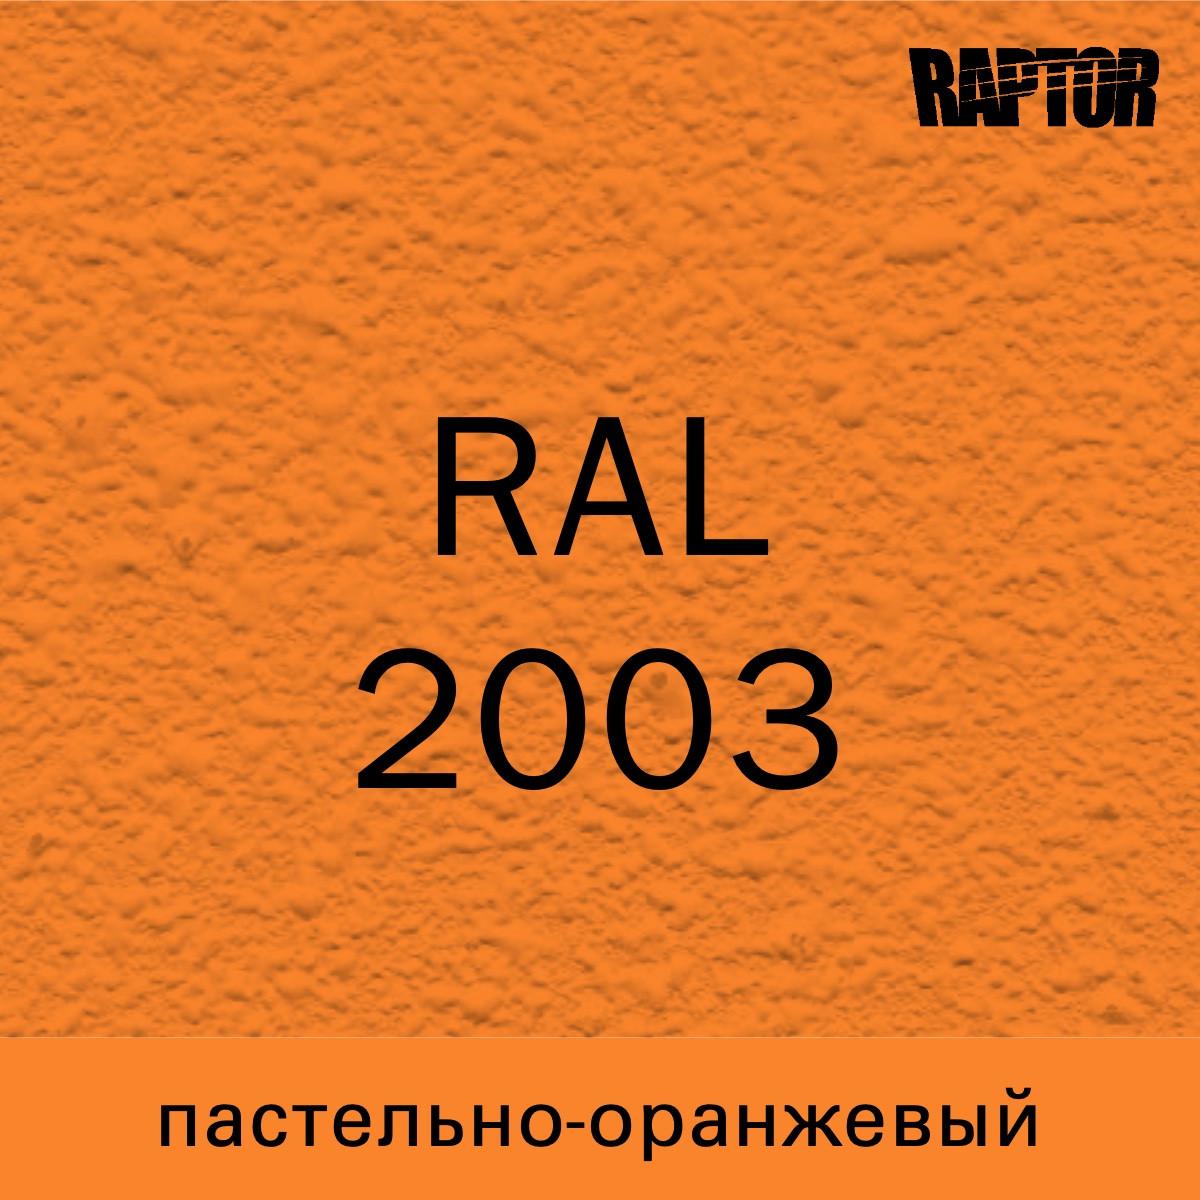 Пігмент для колеровки покриття RAPTOR™ Пастельно-помаранчевий (RAL 2003)